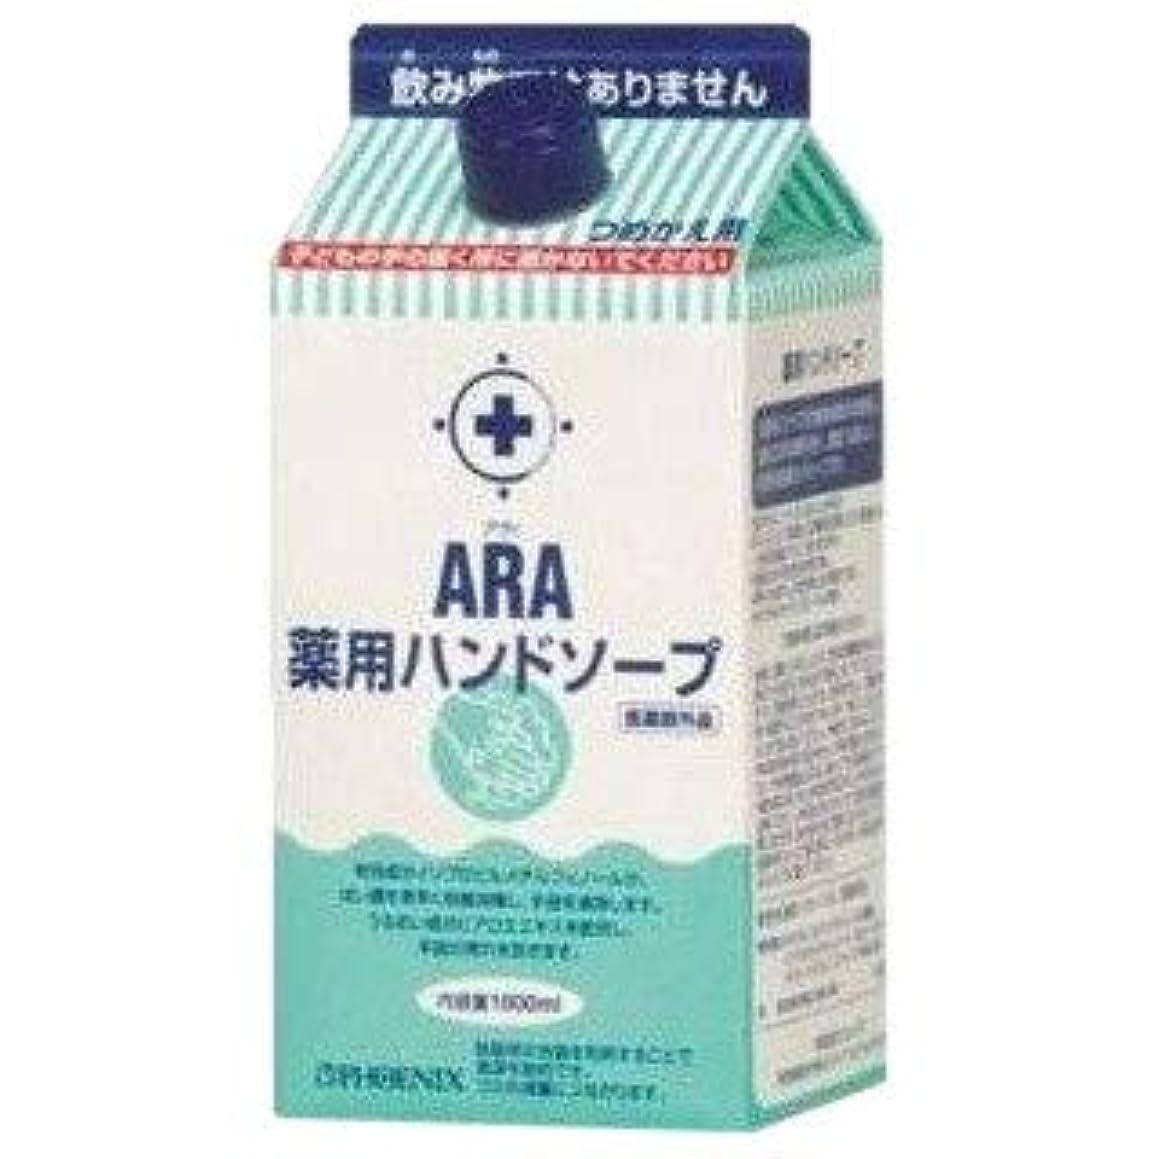 人種瞳食料品店ARA 薬用ハンドソープ(詰め替え用) 1000ml×12入